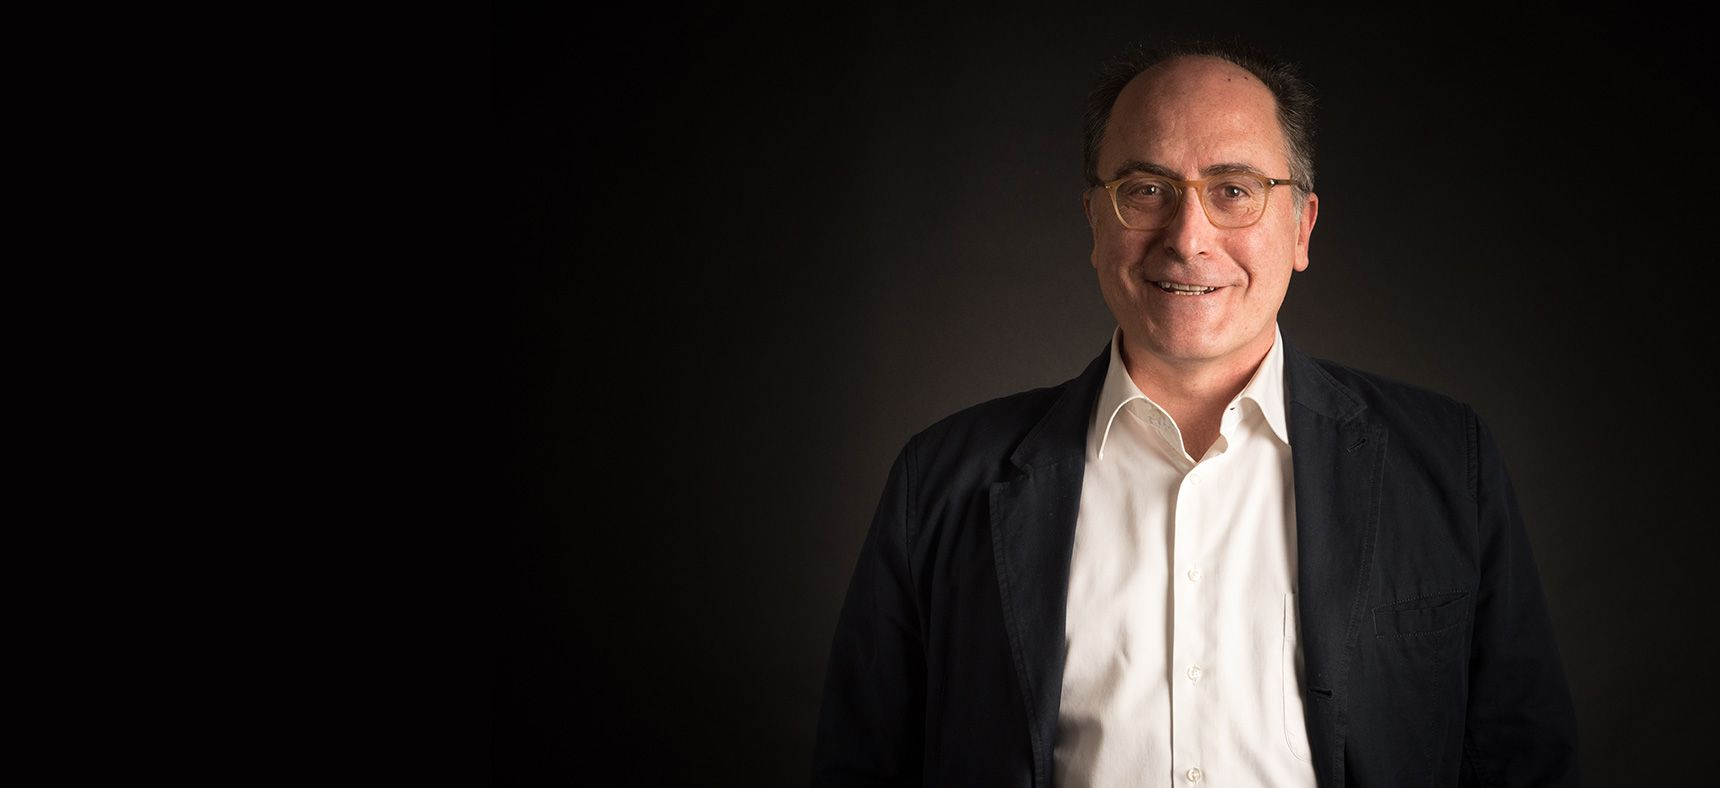 Philippe Maitre coach de vie Paris, executive coach Paris